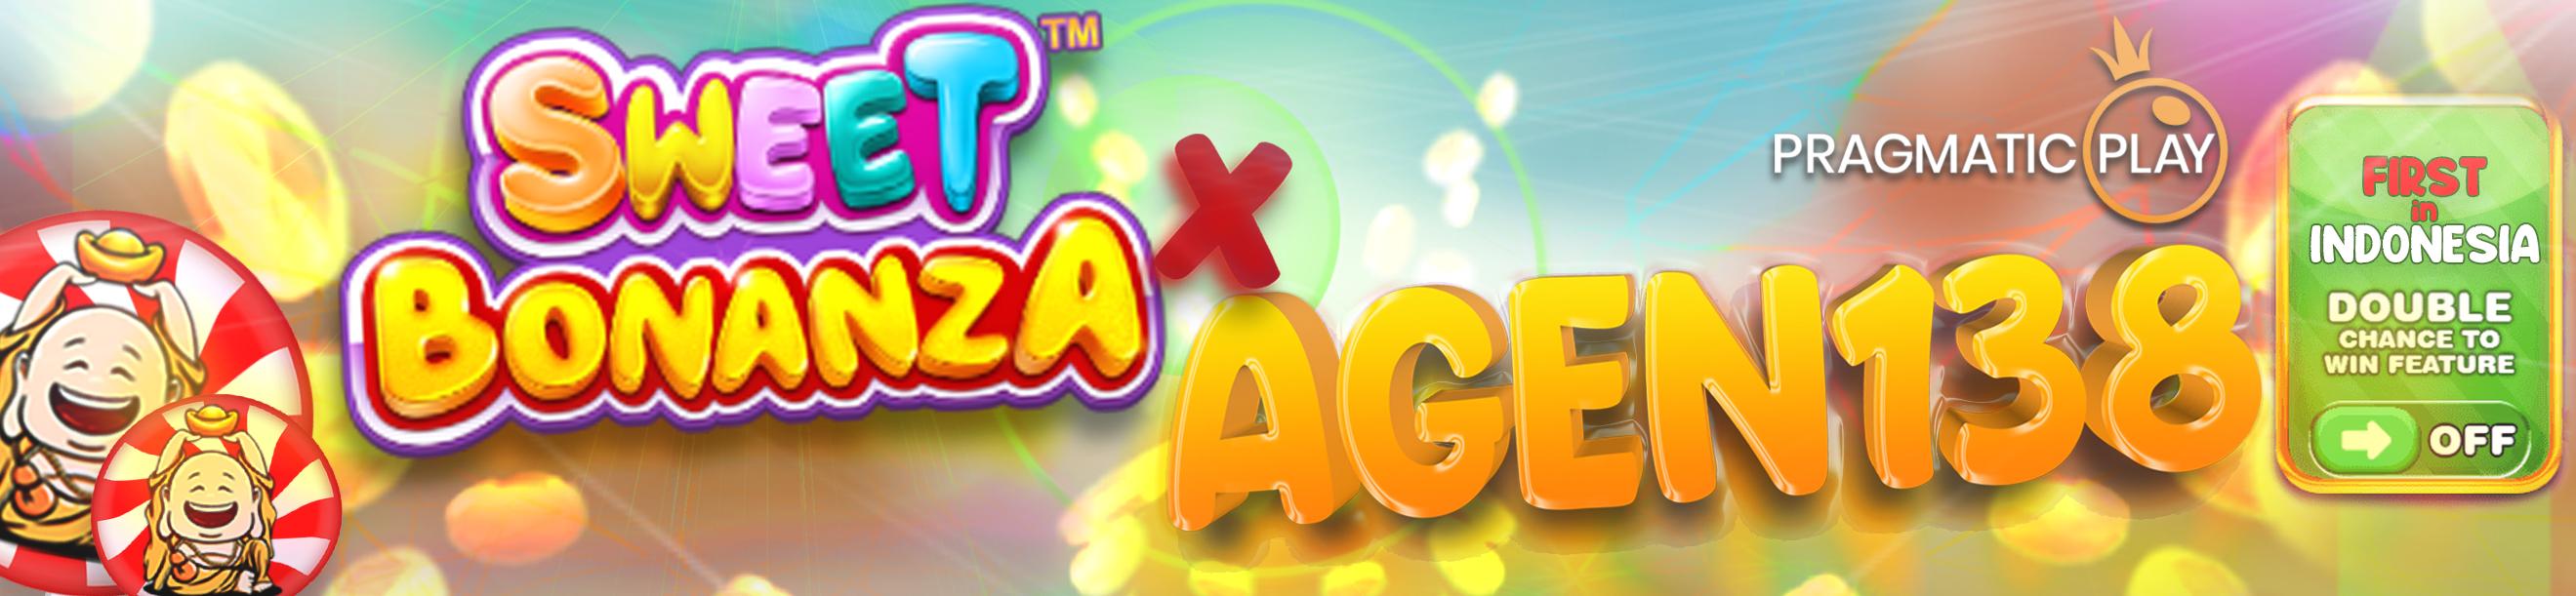 sweet bonanza x agen138